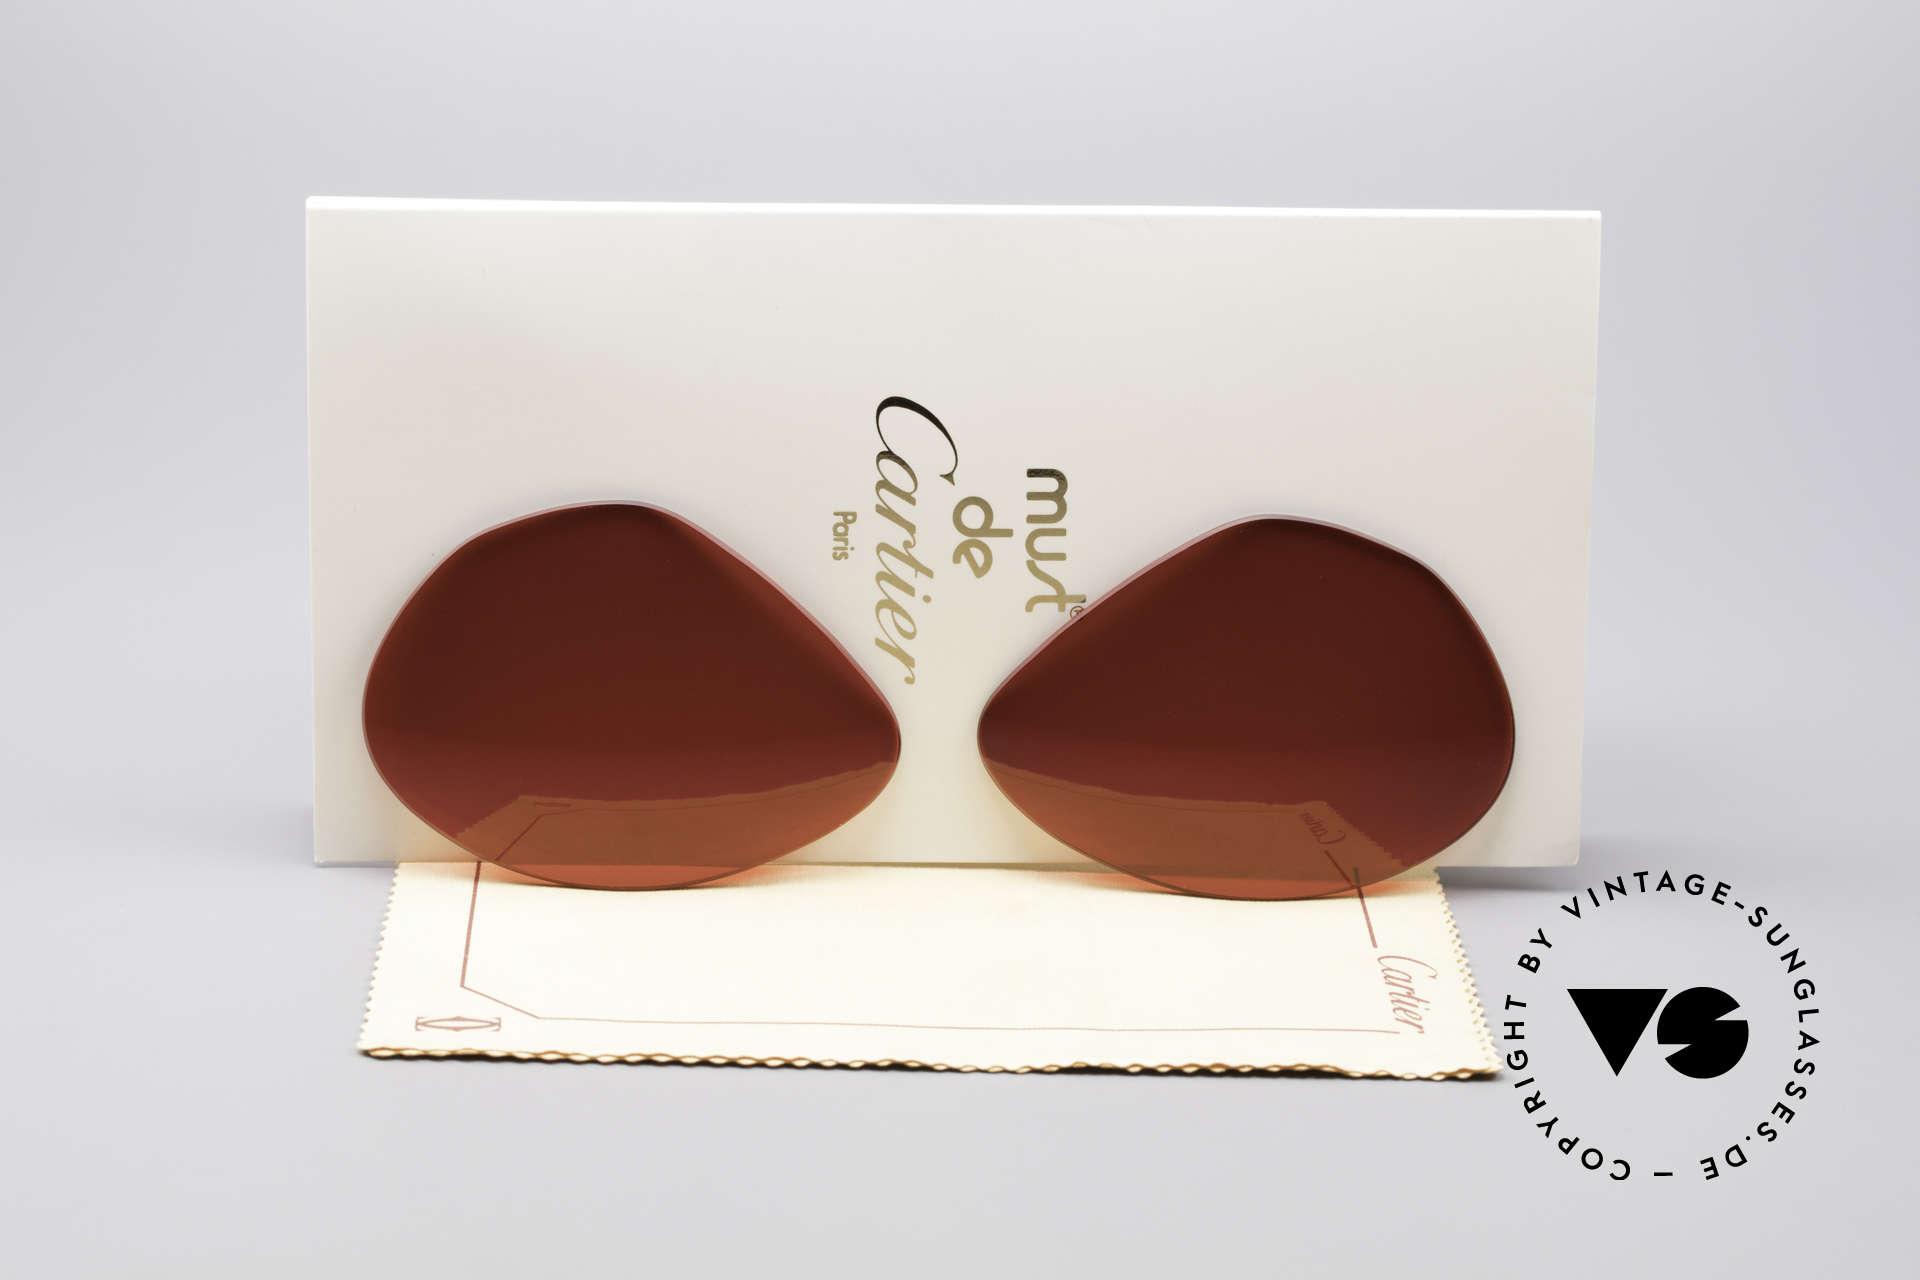 Cartier Vendome Lenses - L Sun Lenses 3D Red, new CR39 UV400 plastic lenses (for 100% UV protection), Made for Men